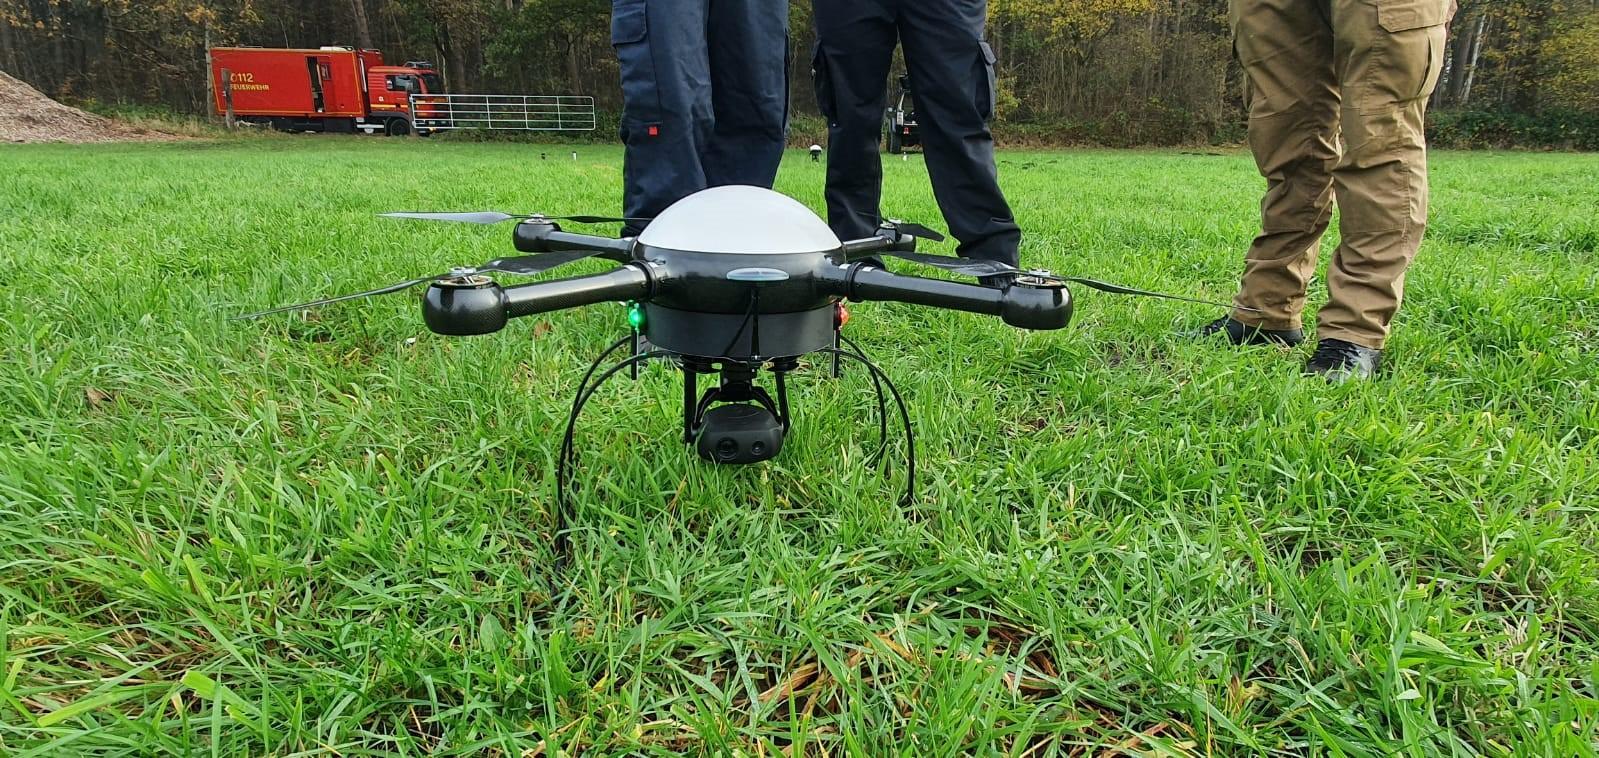 Drohne-3